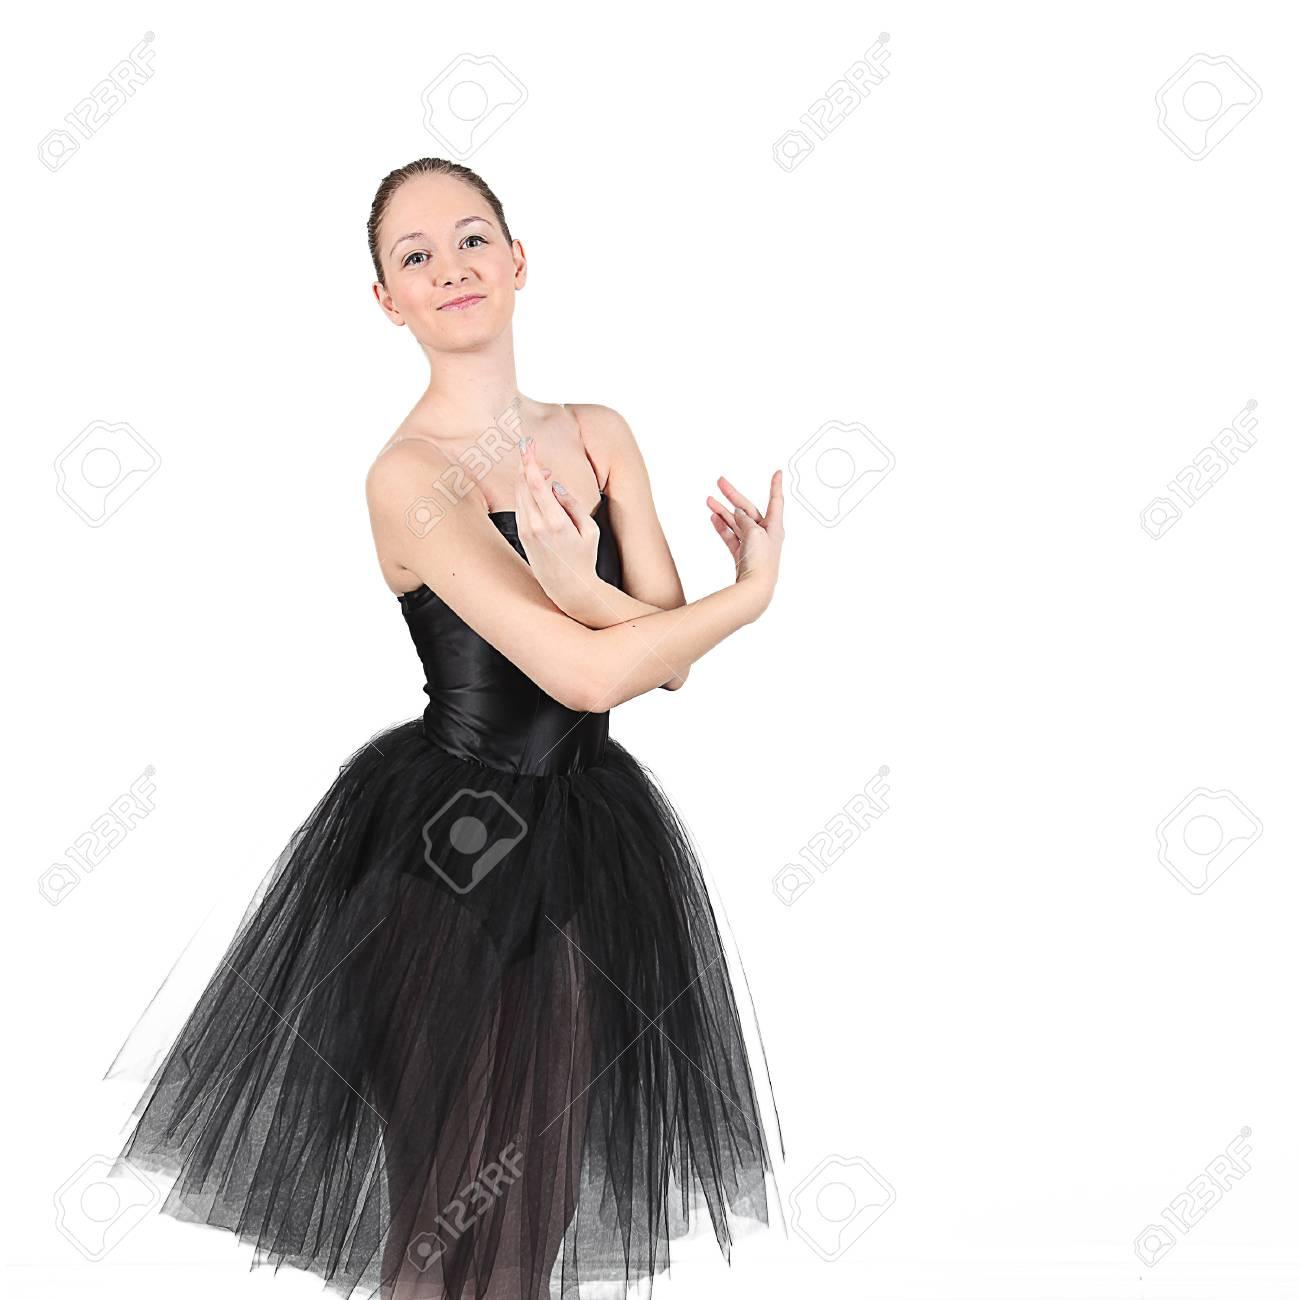 Immagini Stock Ballerina Di Danza In Studio Con Sfondo Bianco